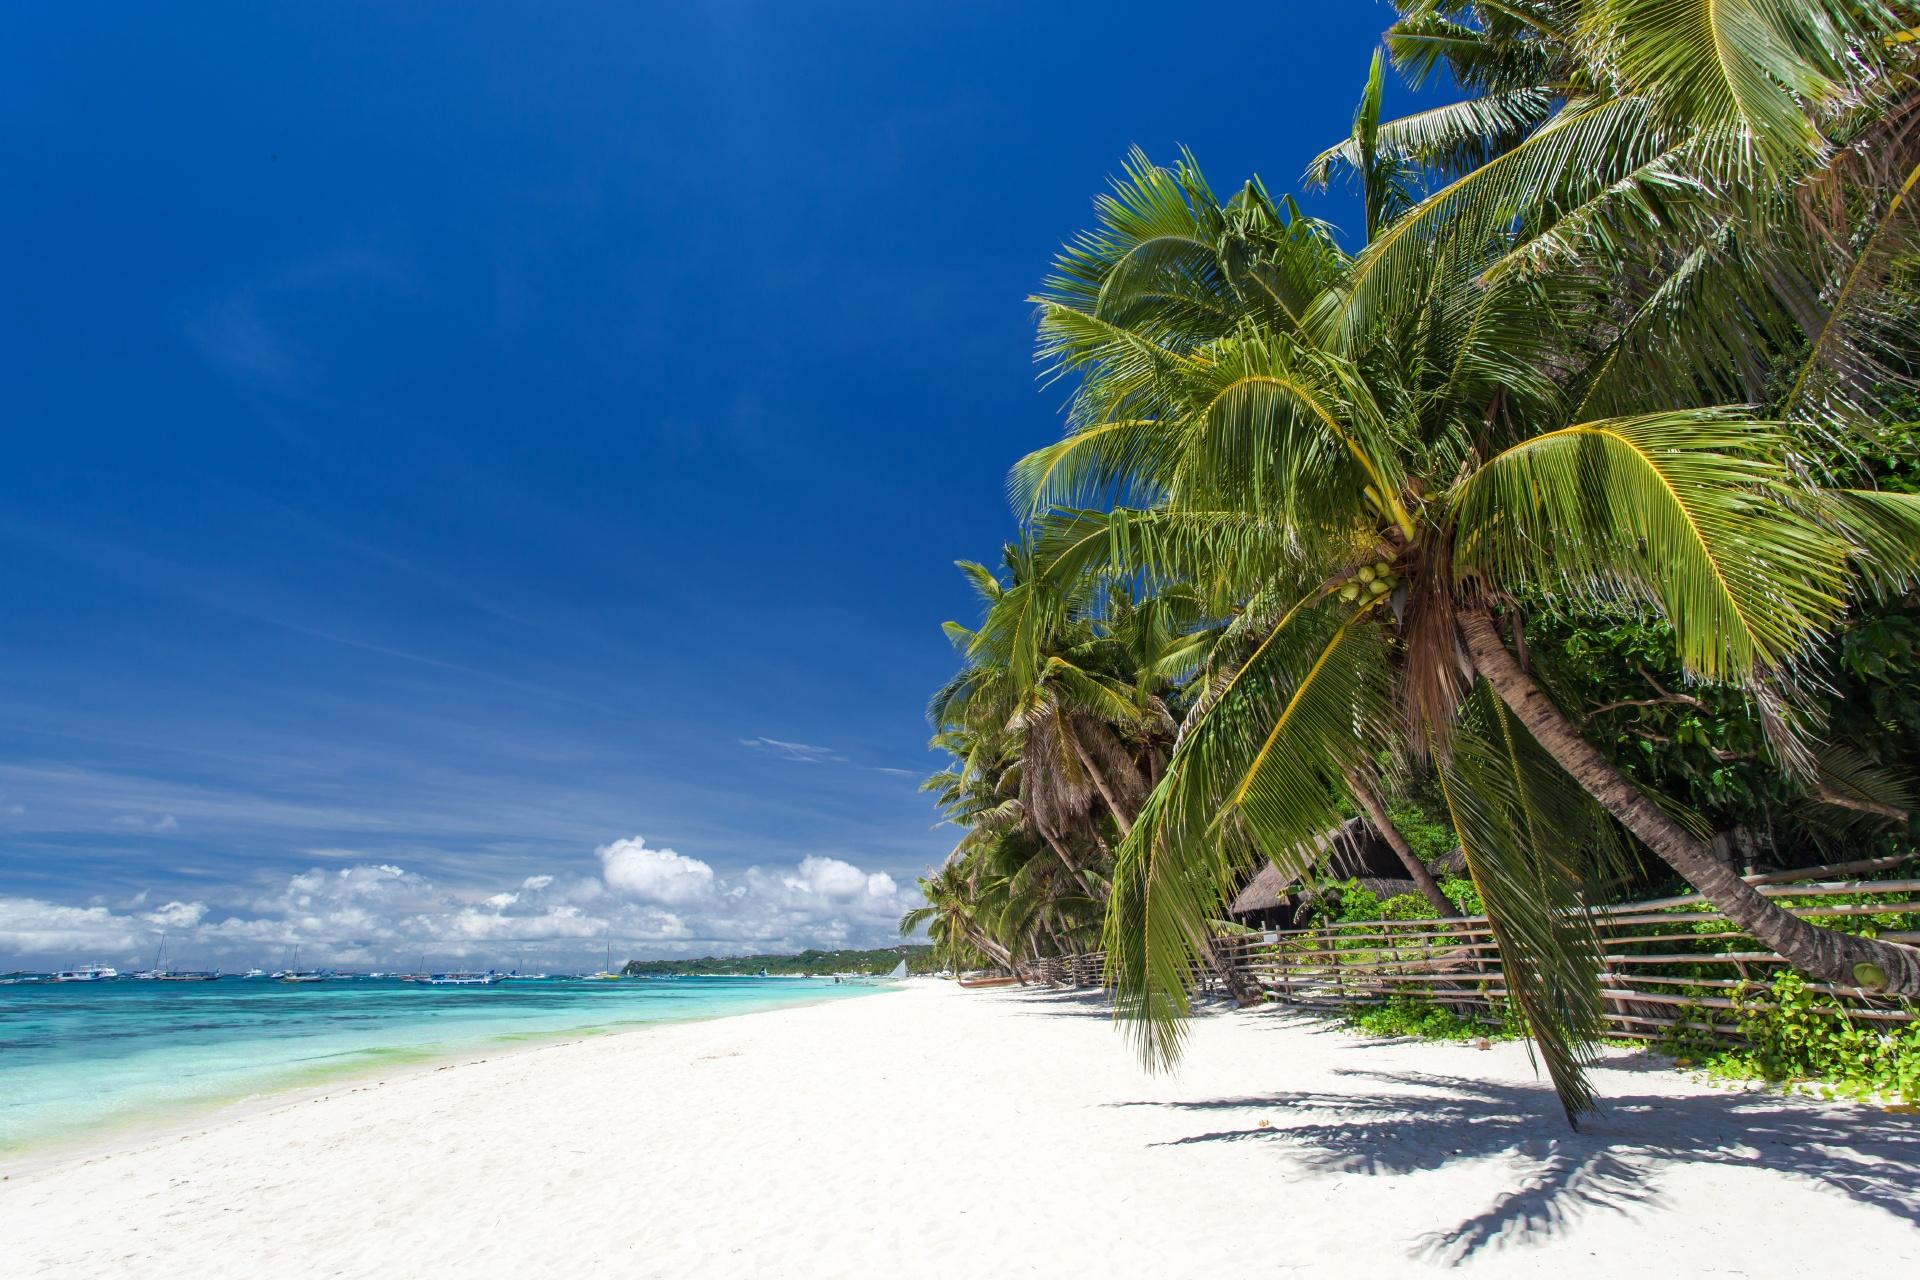 フィリピン ボラカイ島の風景